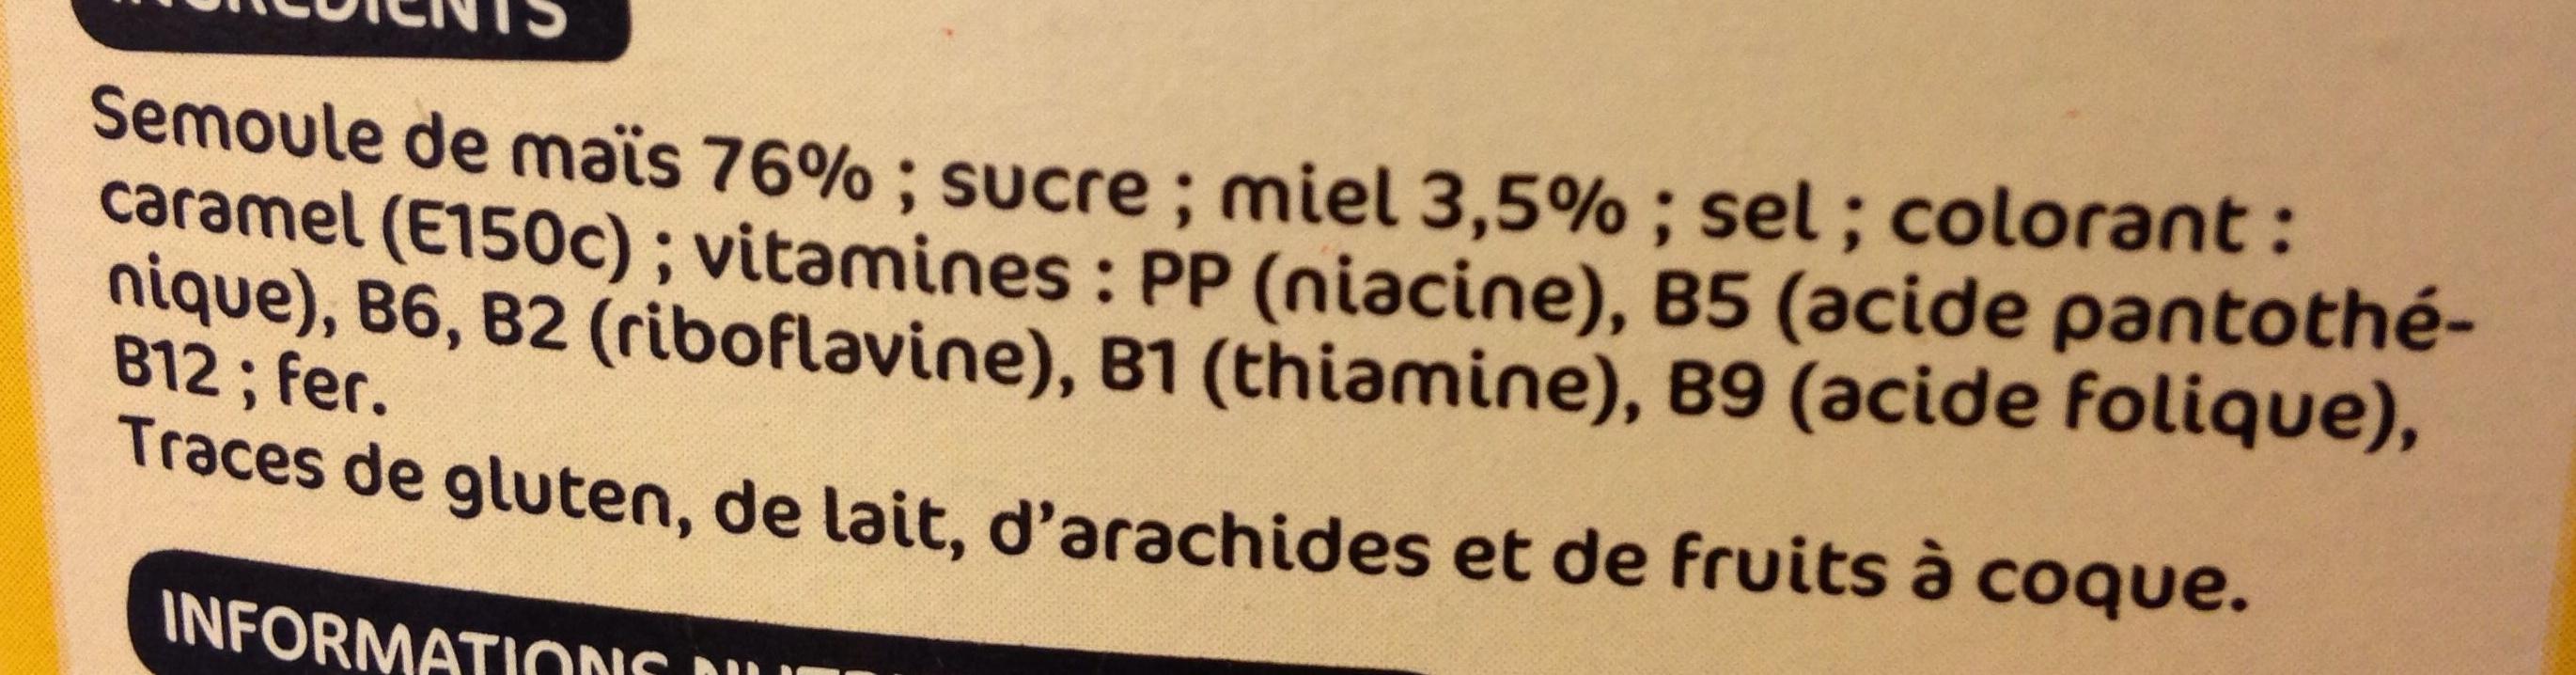 Boules céréales miel - Ingrédients - fr